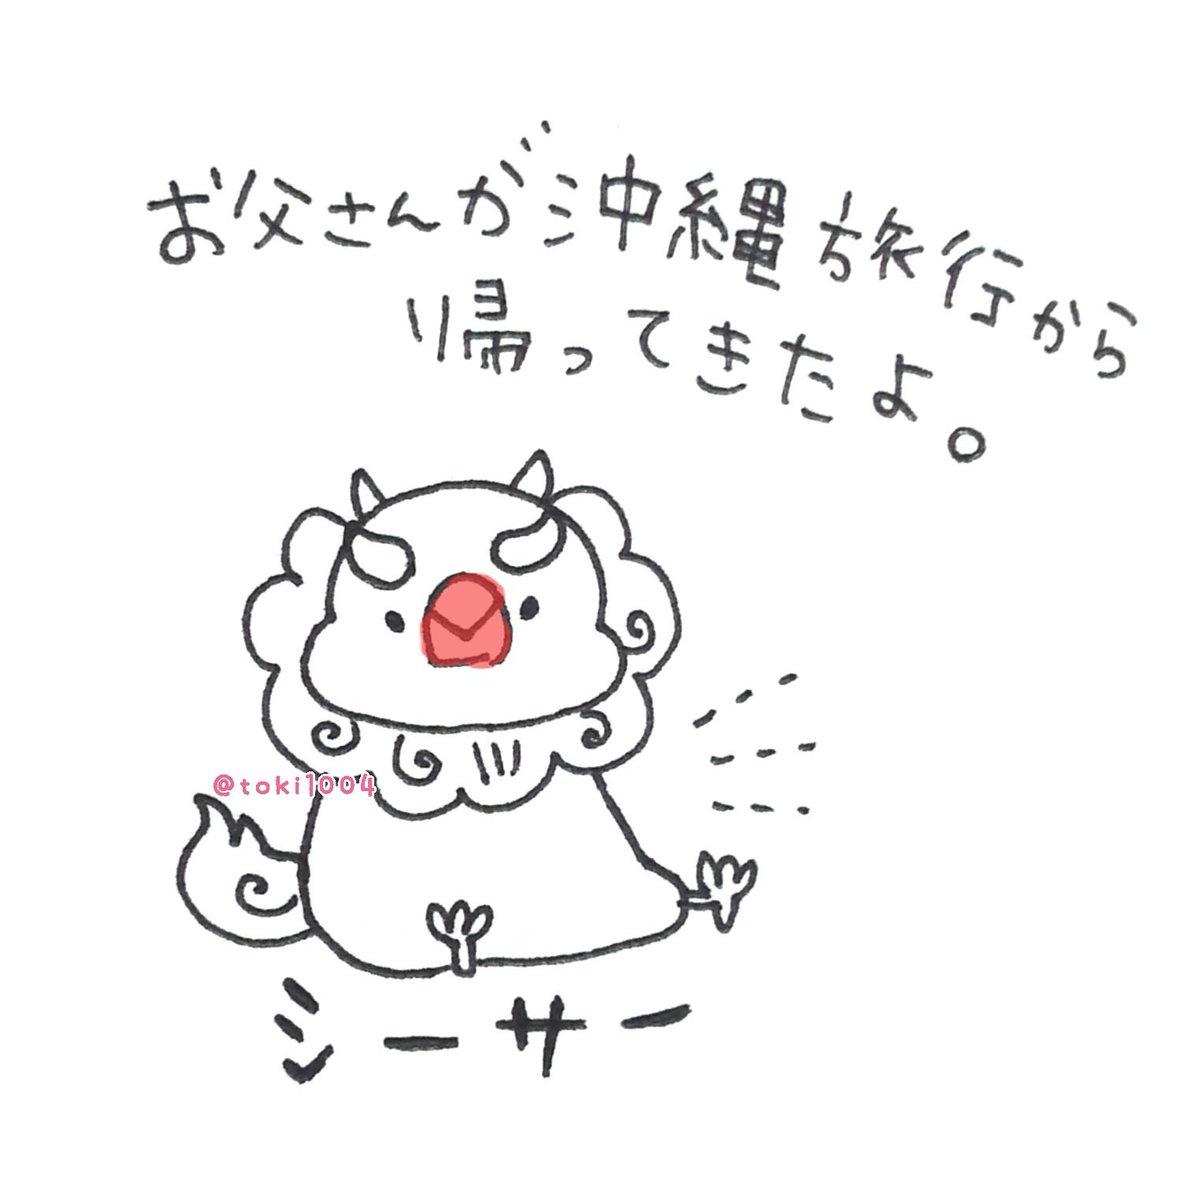 とき528まであべのハルカス小鳥のアートフェスタ On Twitter